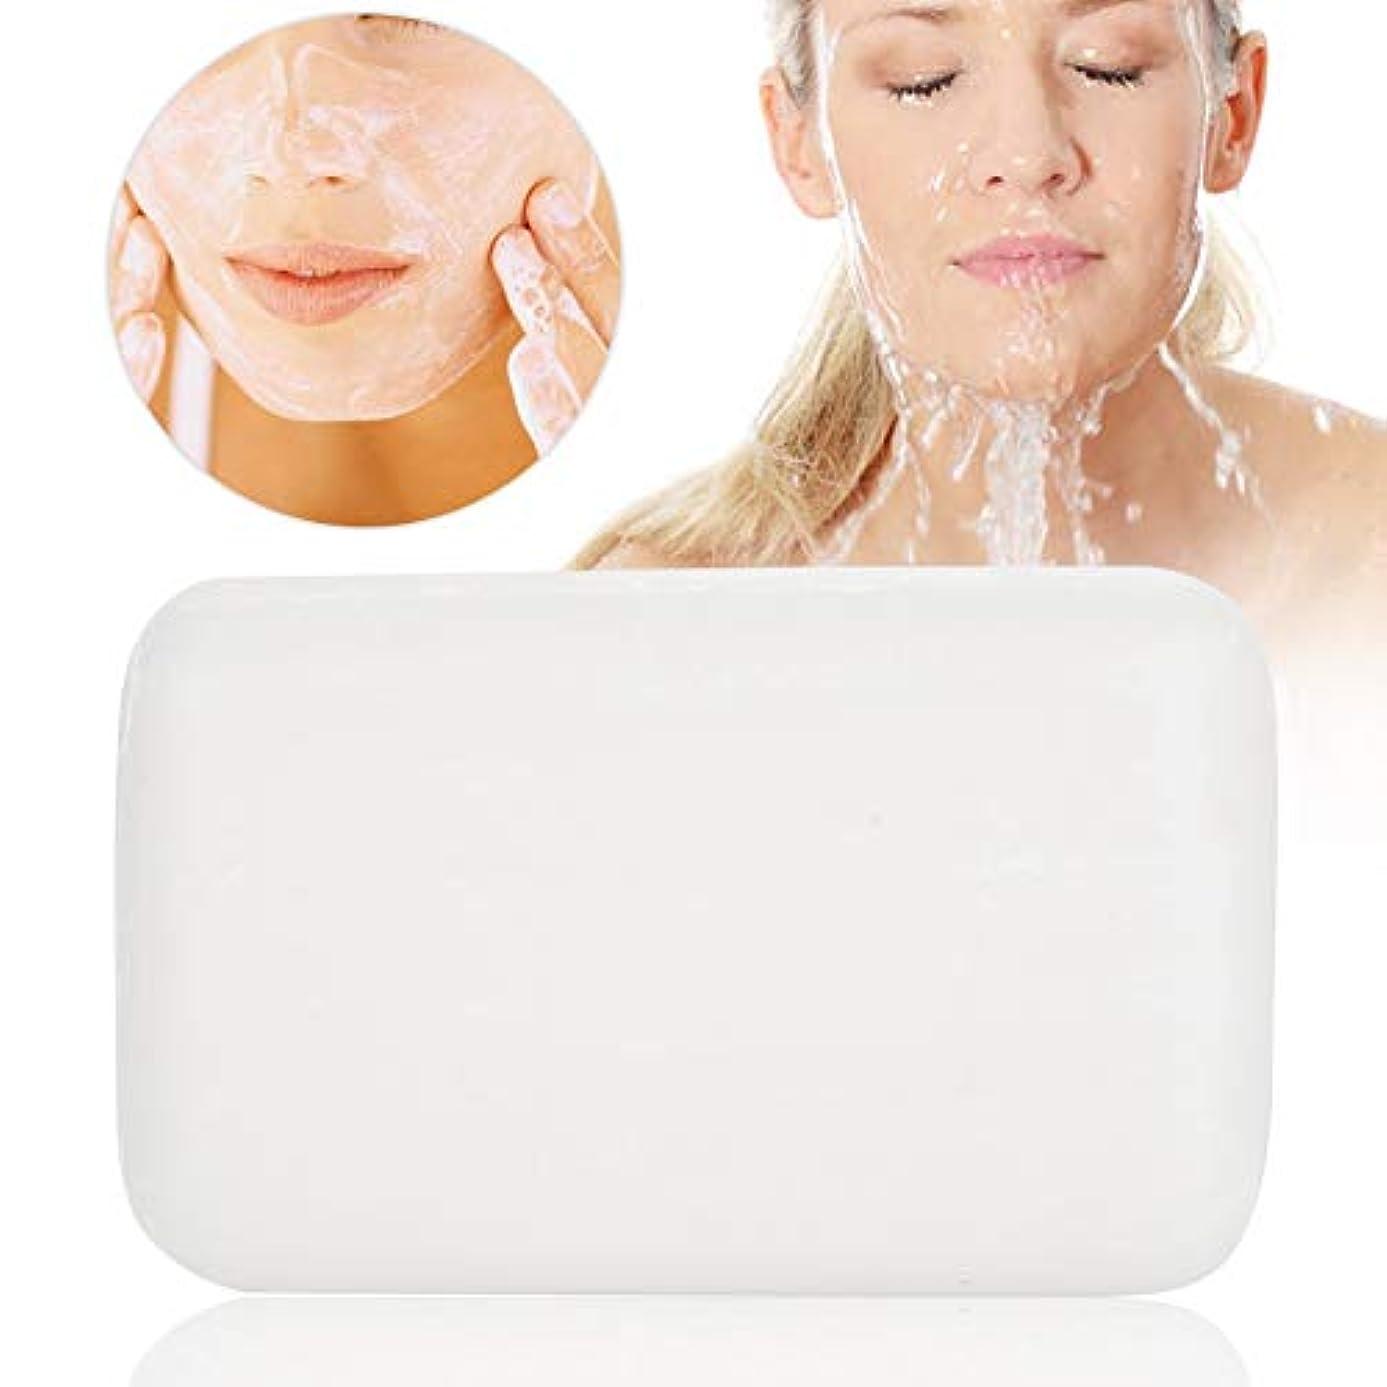 甲虫確率あらゆる種類の美容石鹸 シミ取り! (洗顔?全身用) せっけん バスサイズ 洗顔石けん 無添加 低刺激性 化粧石鹸